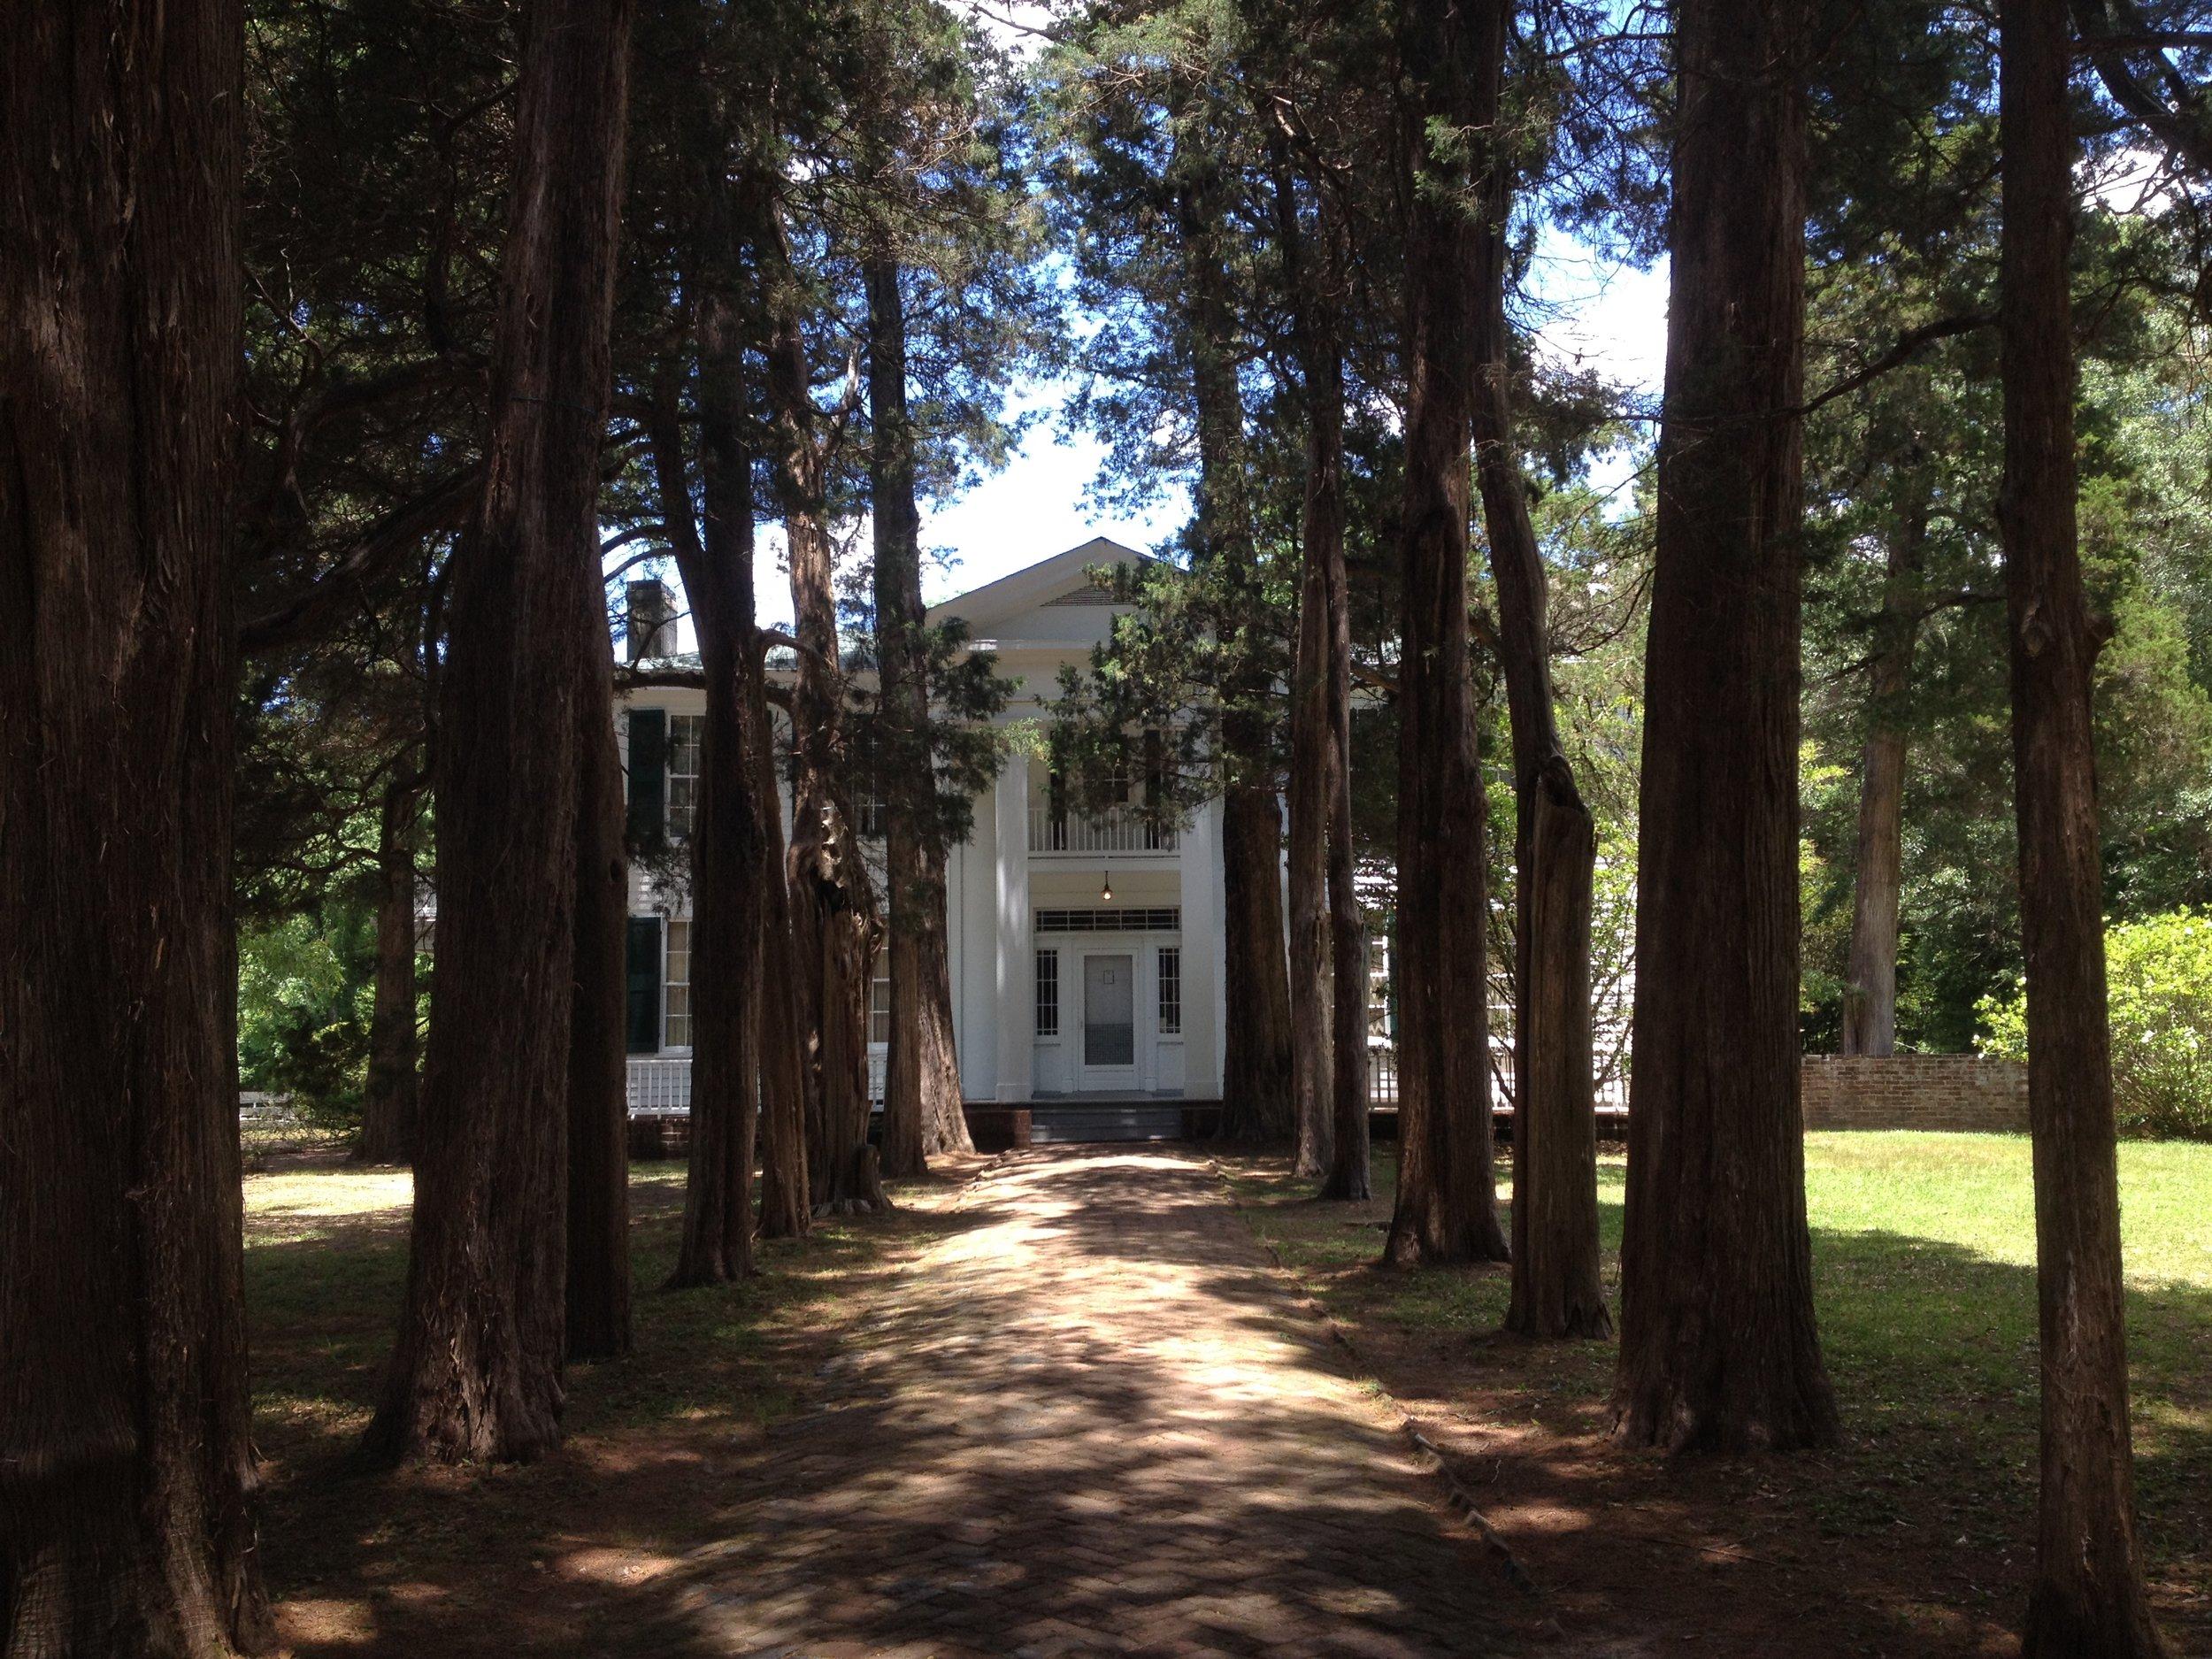 William Faulkner's home, Rowan Oak, in Oxford, Mississippi.